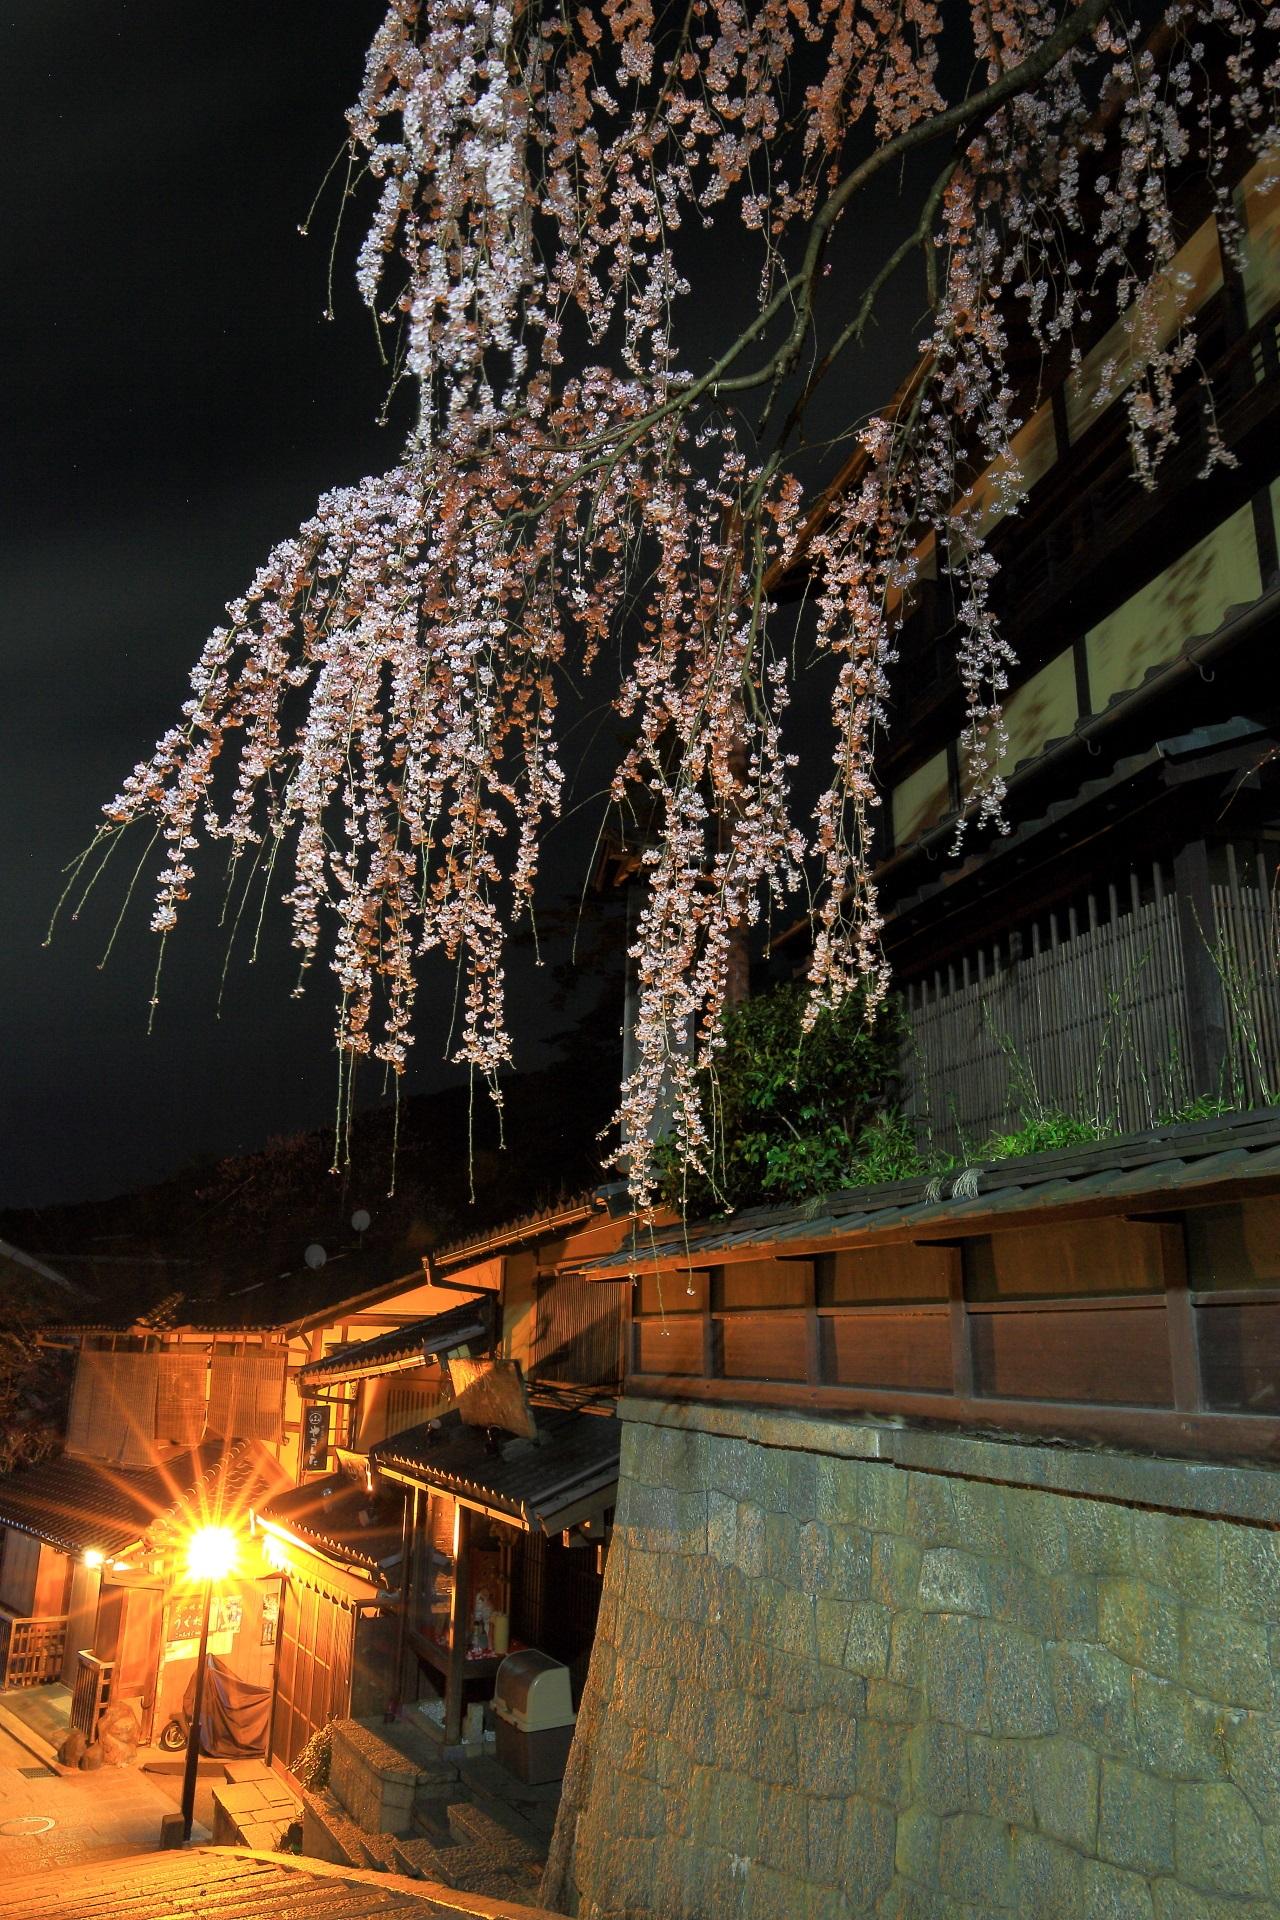 闇夜を彩る幻想的で妖艶なしだれ桜